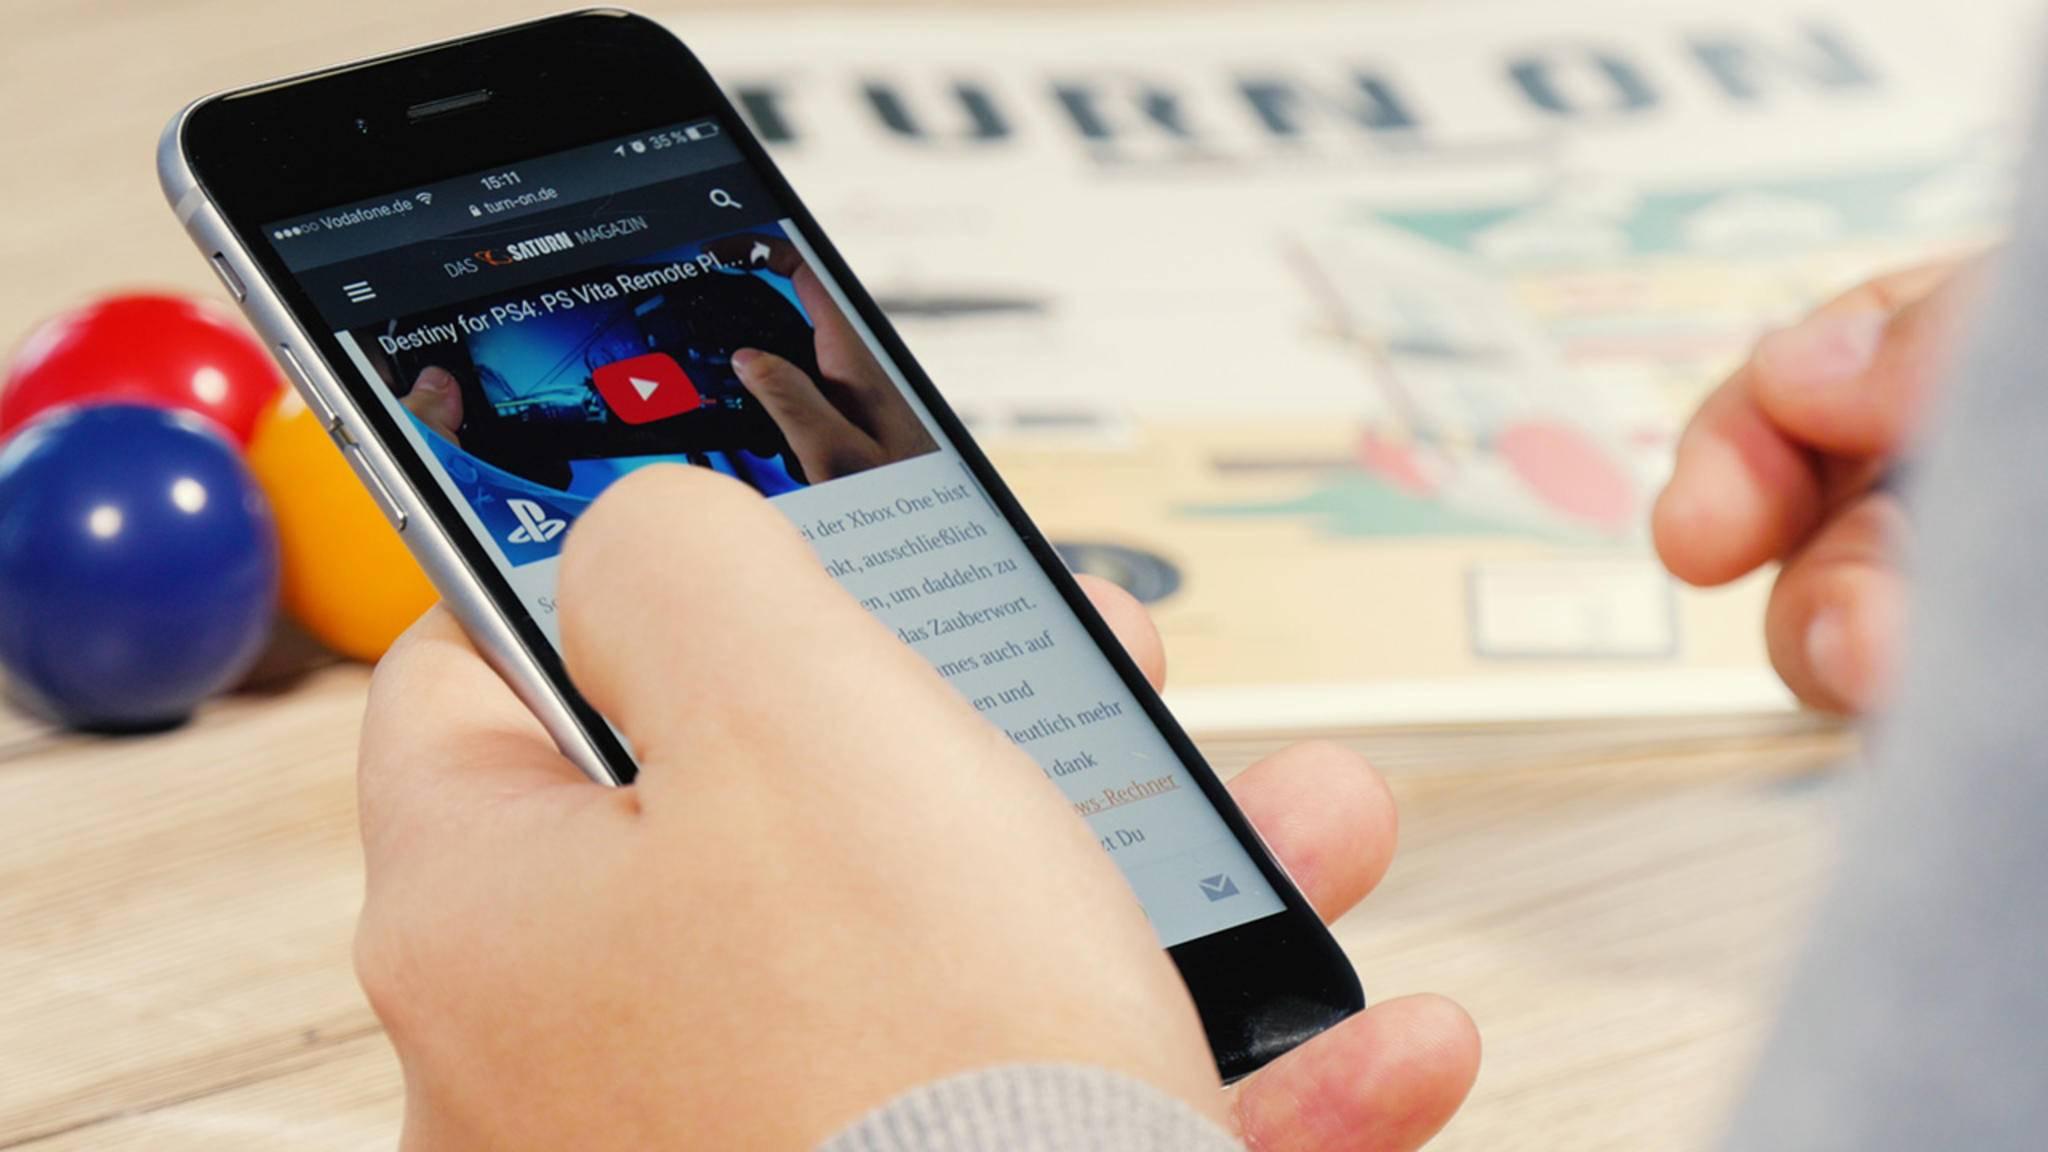 Nicht immer passen sich Webseiten so gut an das Smartphone an wie in diesem Beispiel.